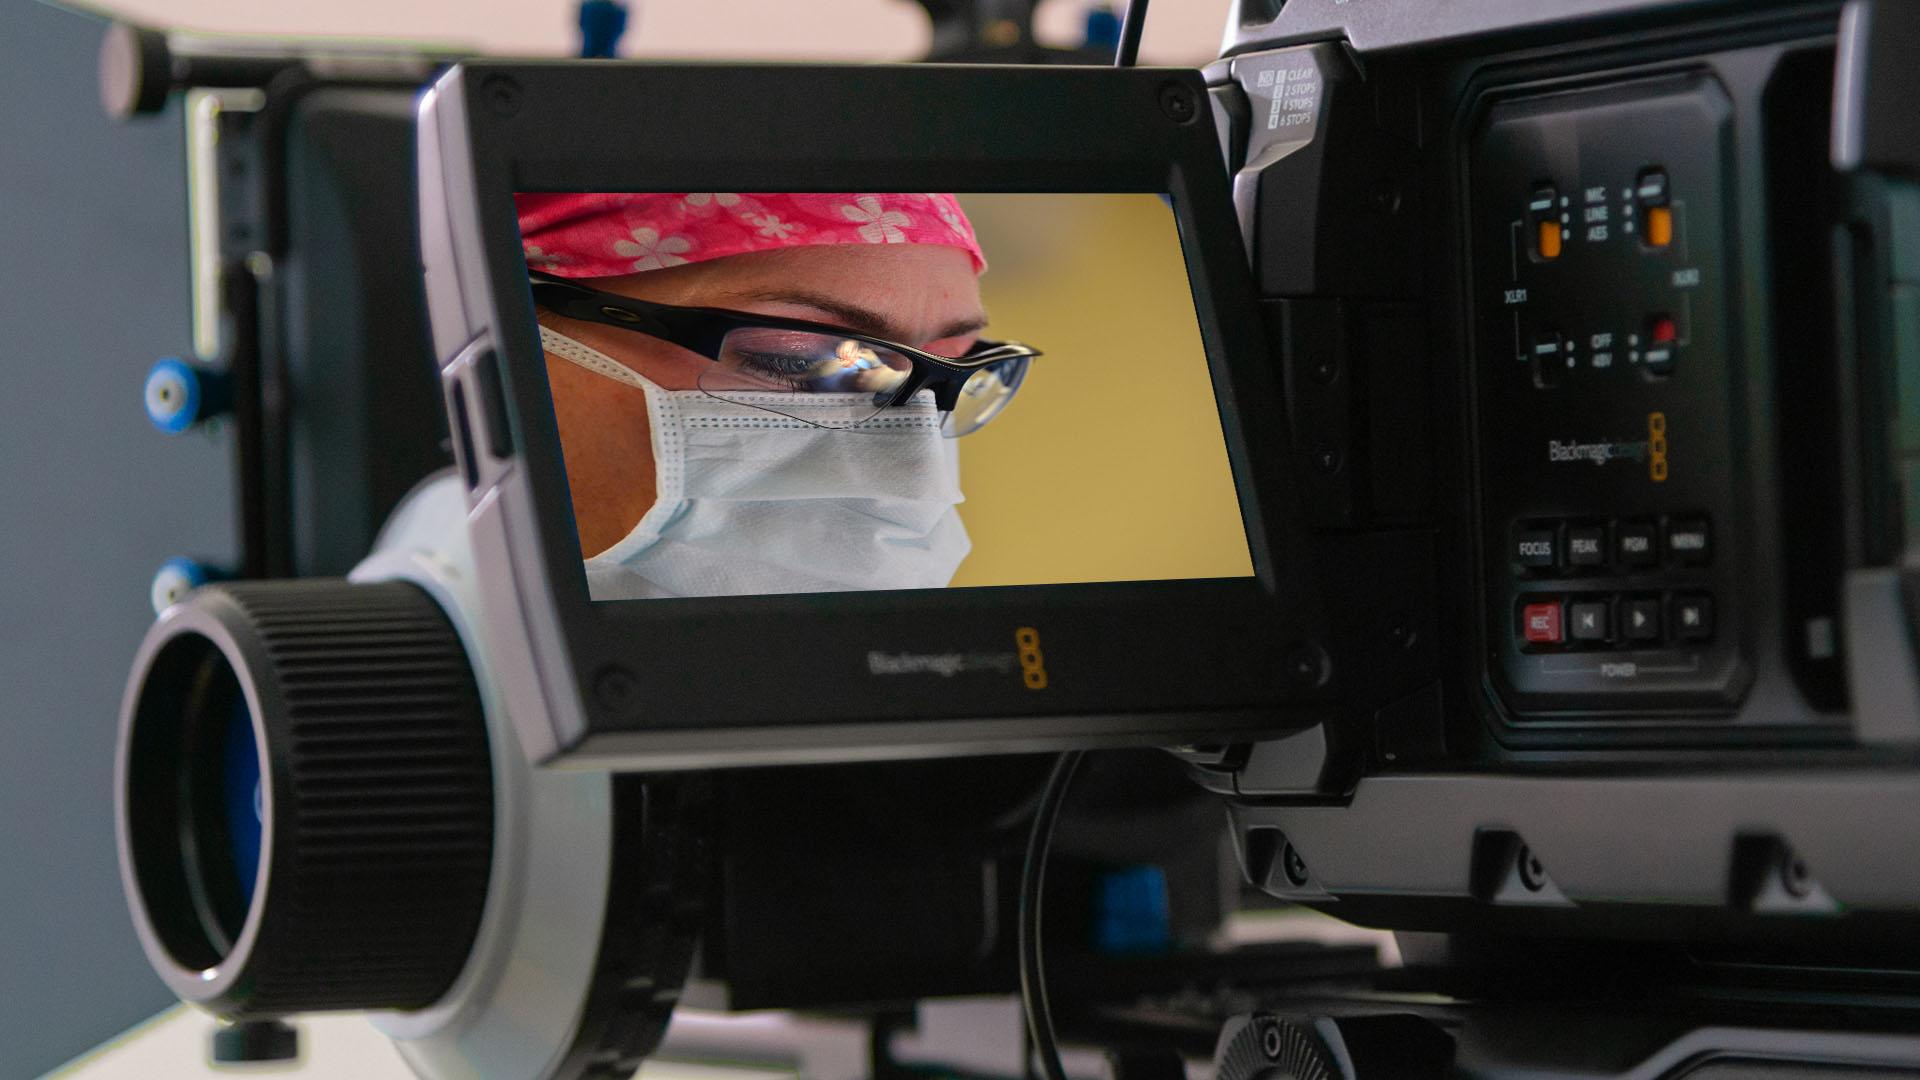 VIDEOPRODUKTION IN CORONA-ZEITEN